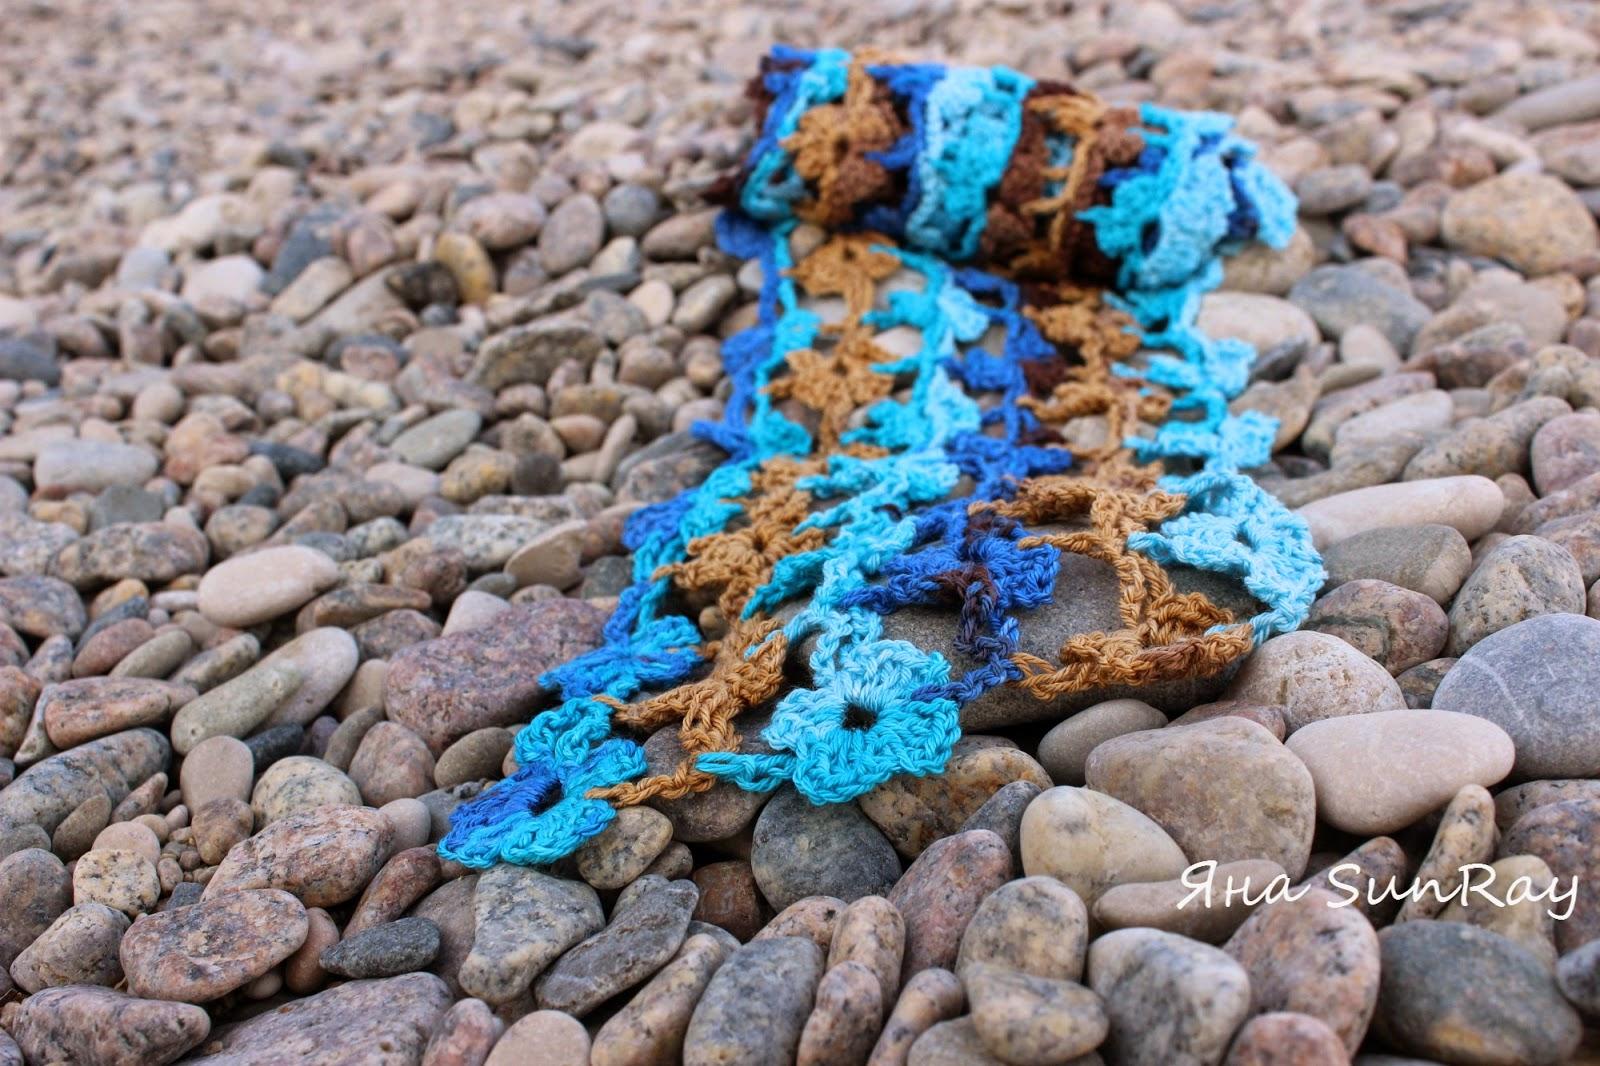 шарфик, оригинальный шарфик,  красивый шарфик, купить шарфик, вязание на заказ, вязание на заказ по Украине, платок-бактус, шаль спицами, легкий шарф, ажурный шарф, настроение своими руками, шарфик крючком